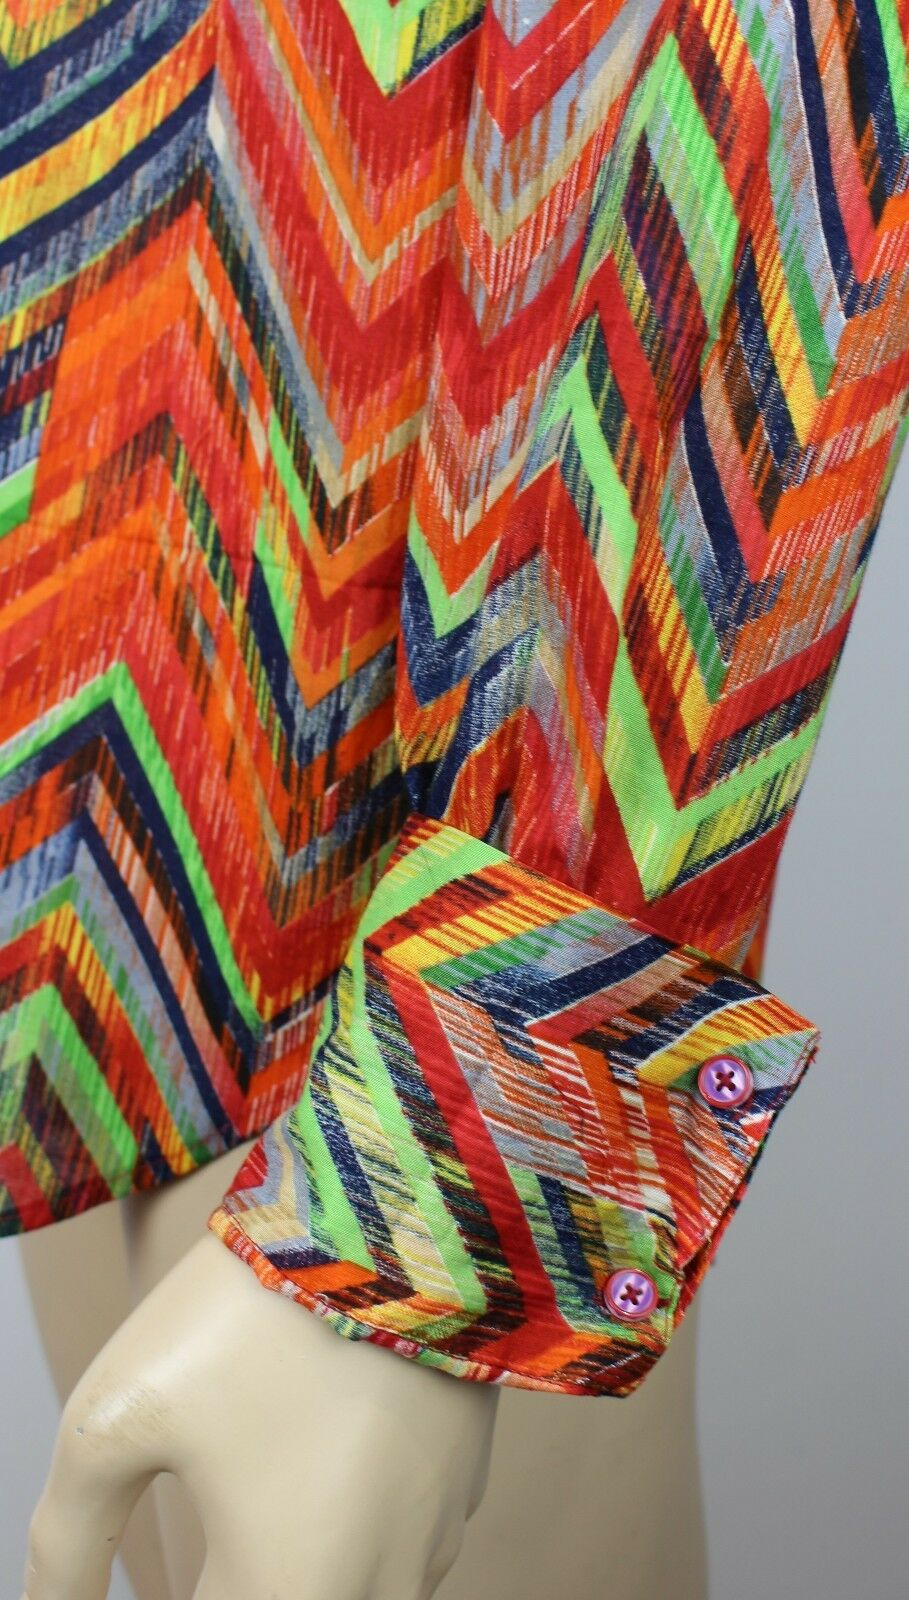 VINTAGE Da Uomo 60s 70s 70s 70s stile ARCOBALENO DISCOTECA PSICHEDELICHE Stag Festival SLIM FIT shirt M ee5207